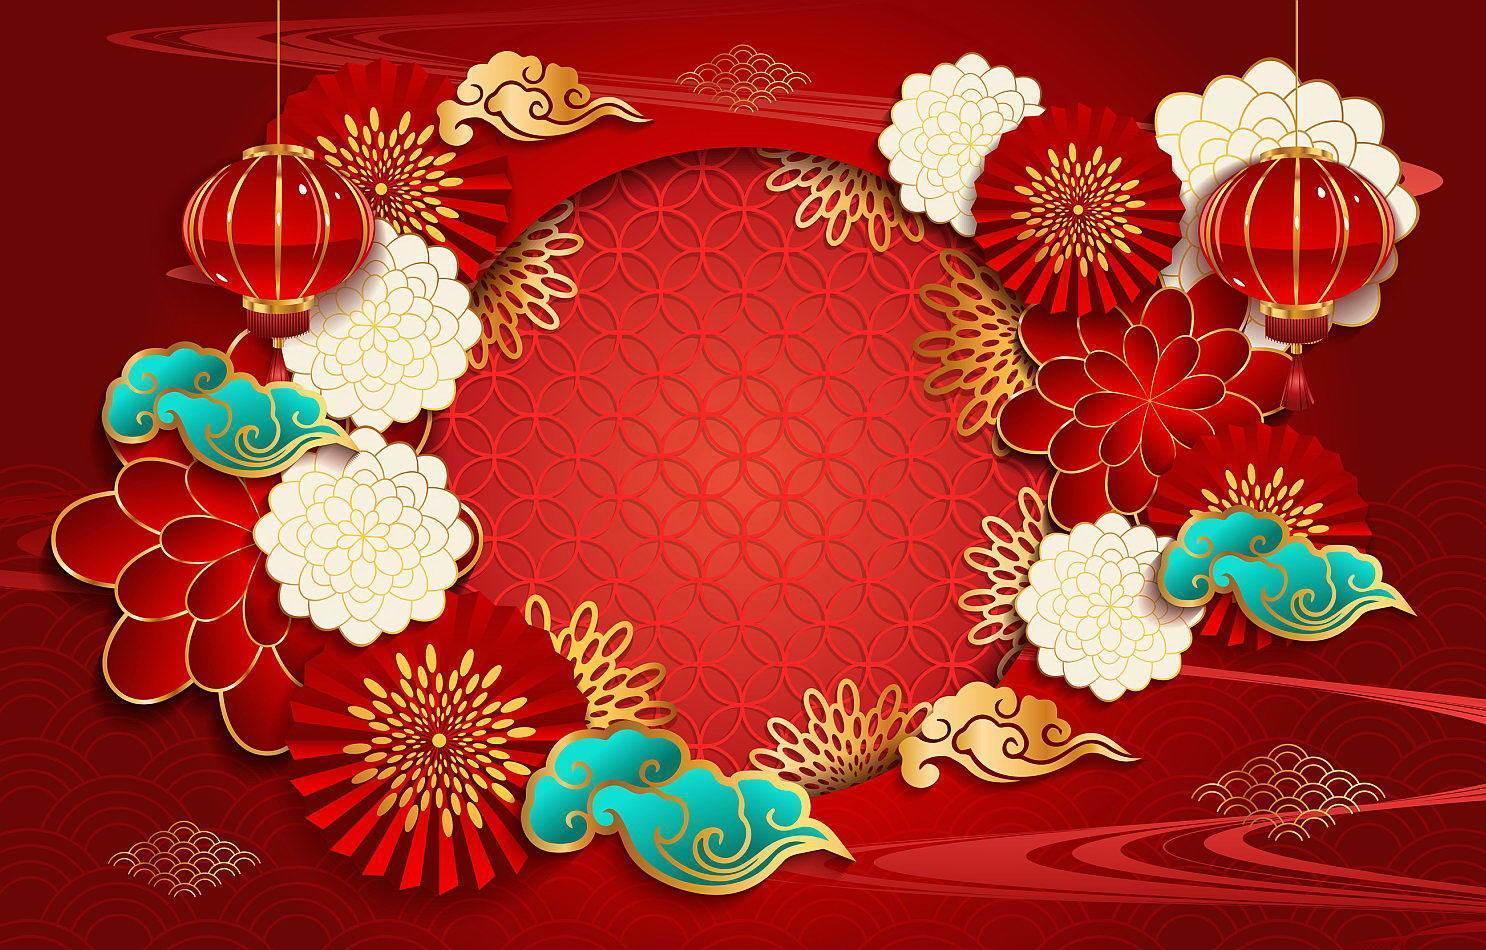 conceito de fundo de festividade do ano novo chinês vetor